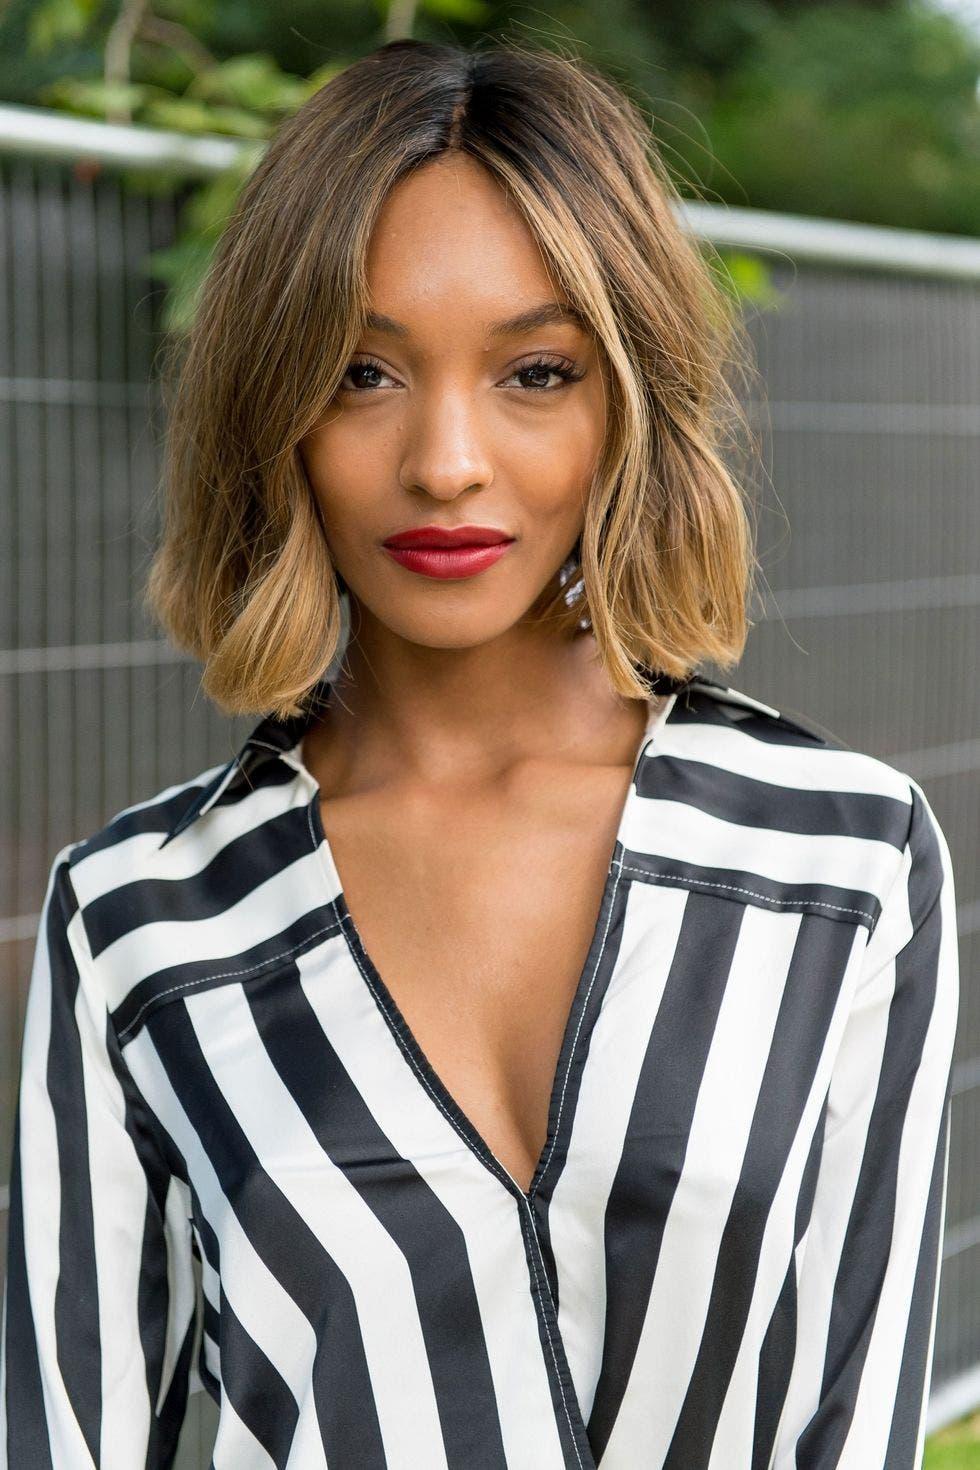 Düz Saçları Nasıl Daha Hacimli Gösterebilirsiniz